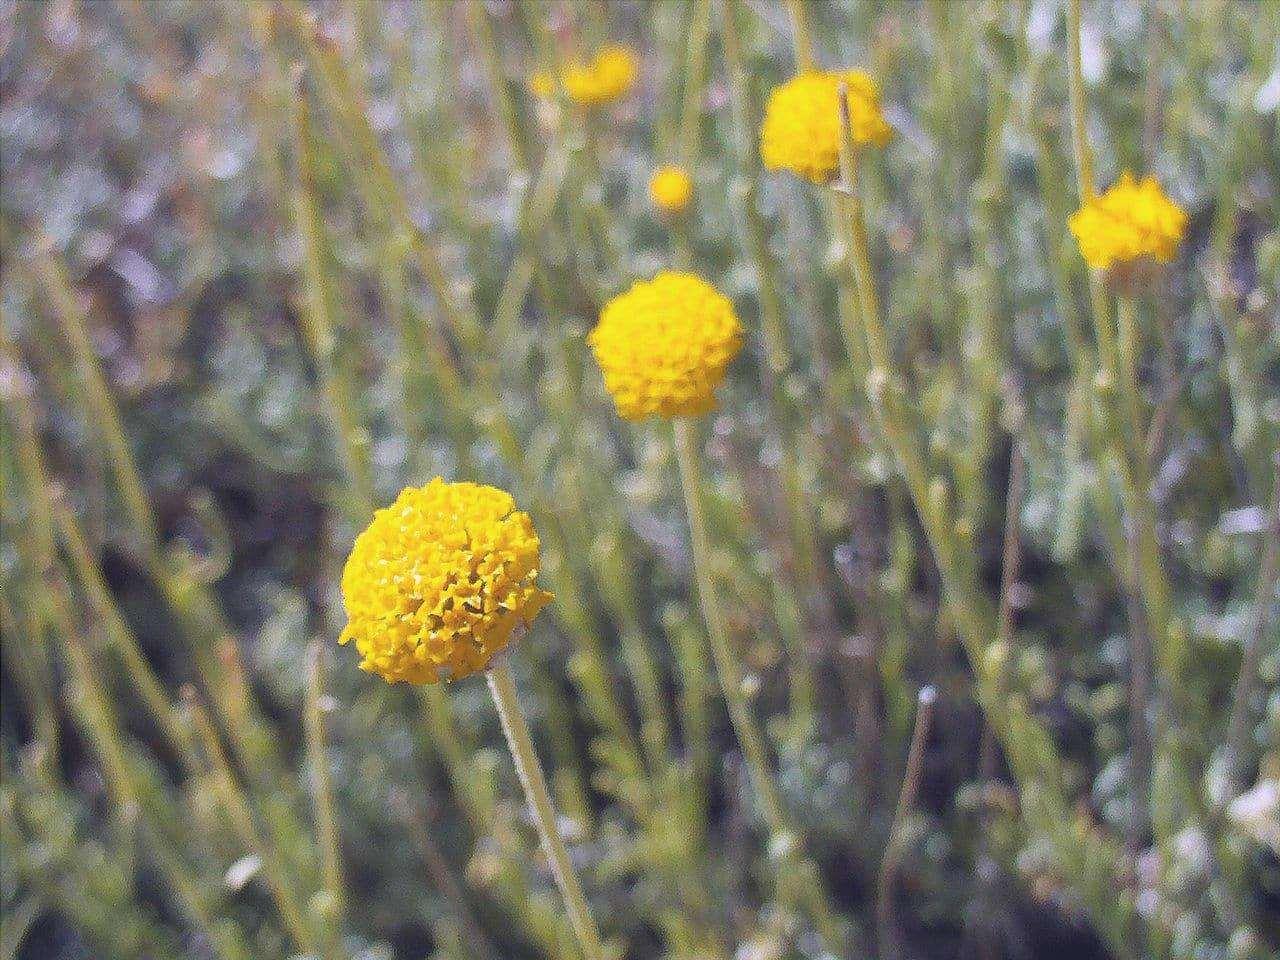 I fiori della Santolina rosmarinifolia sono gialli.